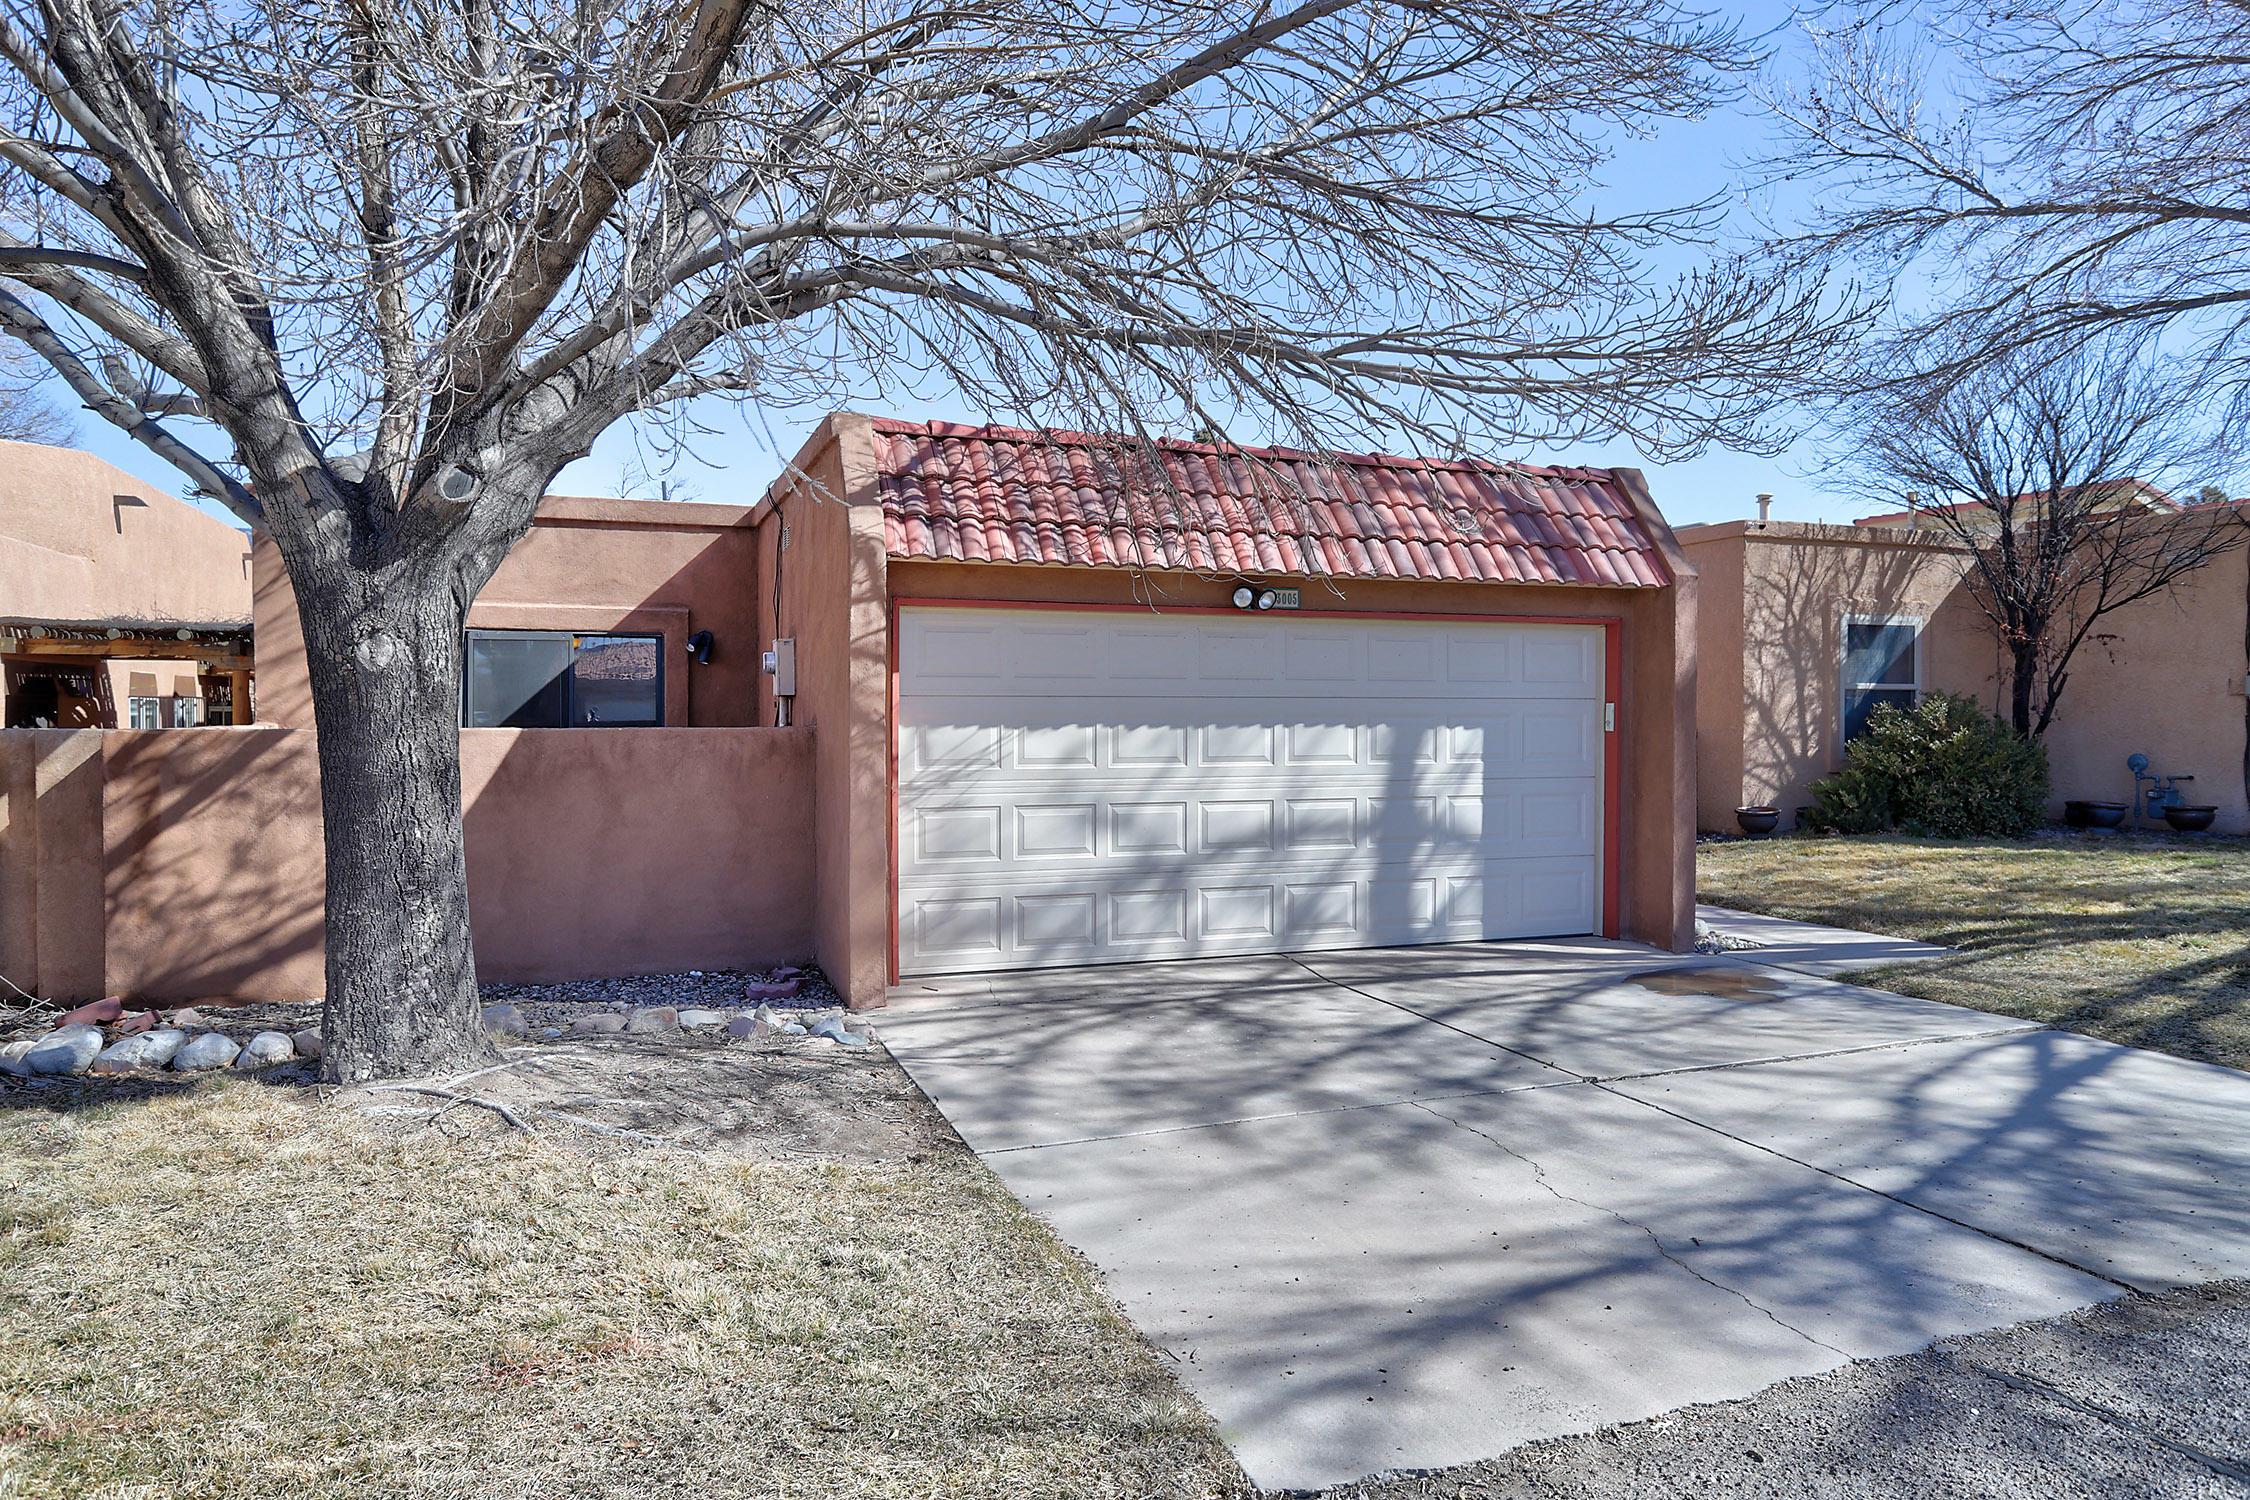 13005 NANDINA Way SE Property Photo 1